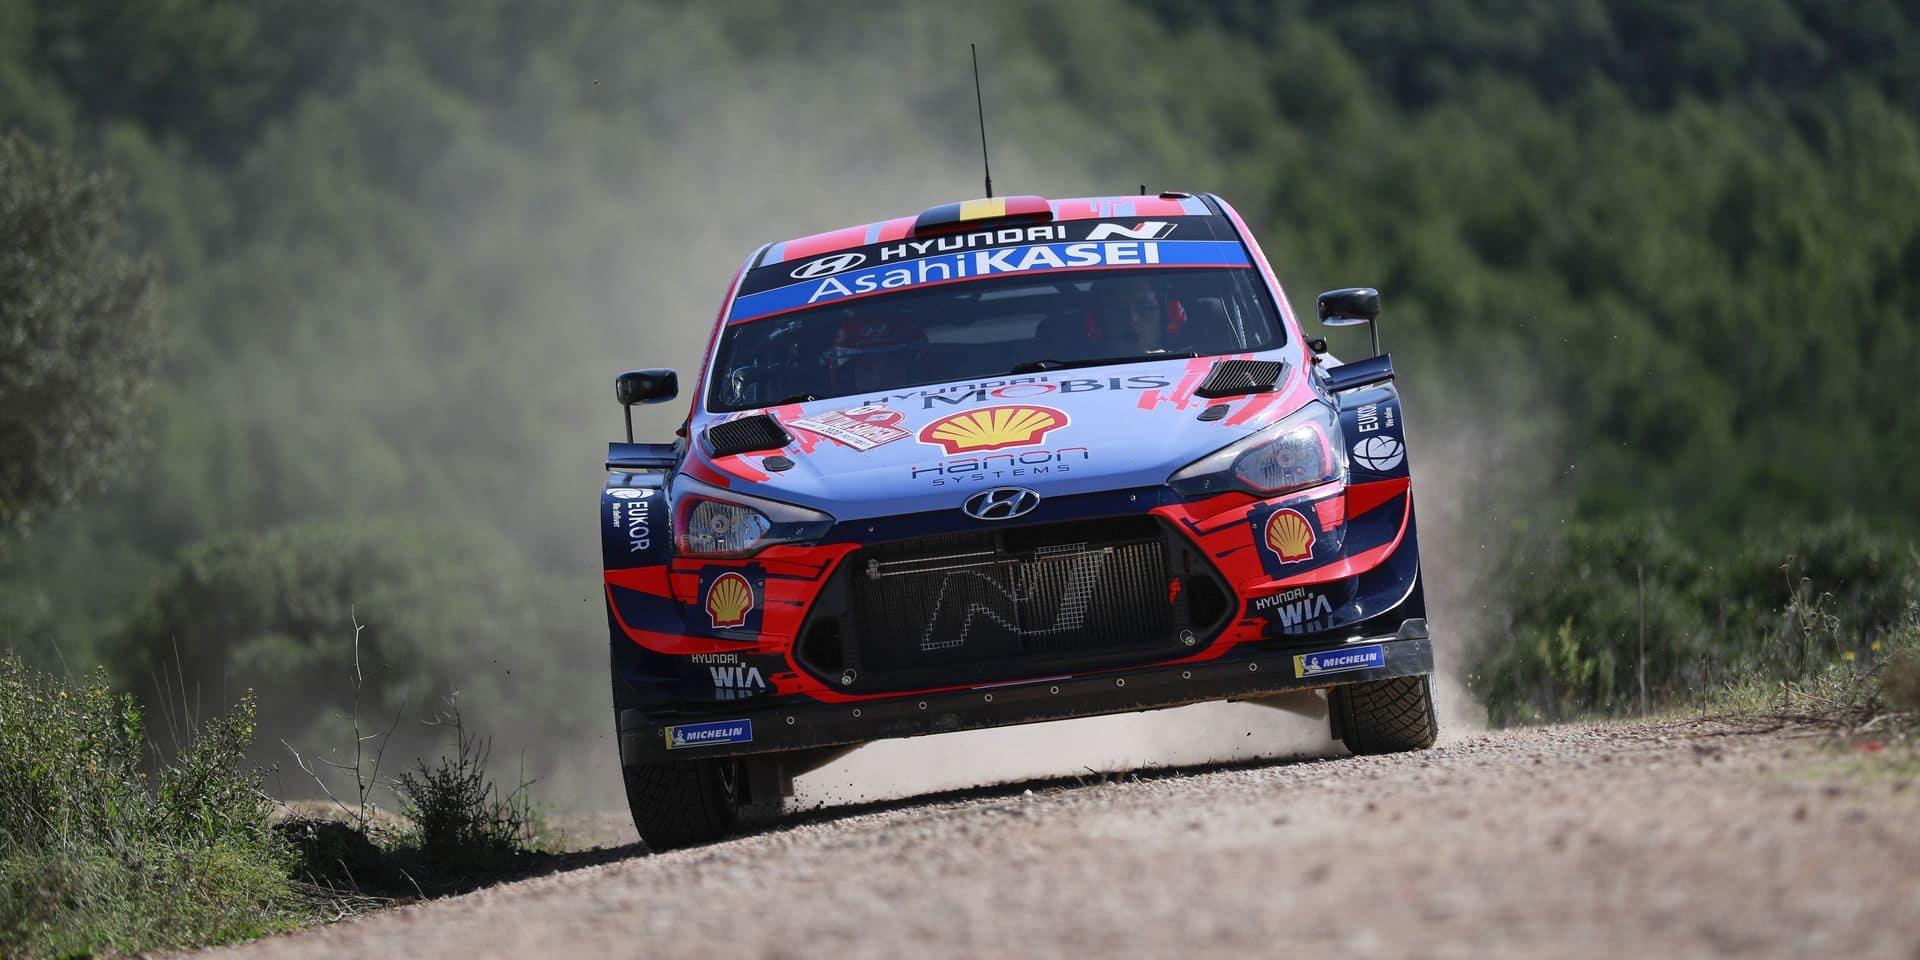 Hyundai met la pression pour la fin de saison : un dernier rallye à Monza ?